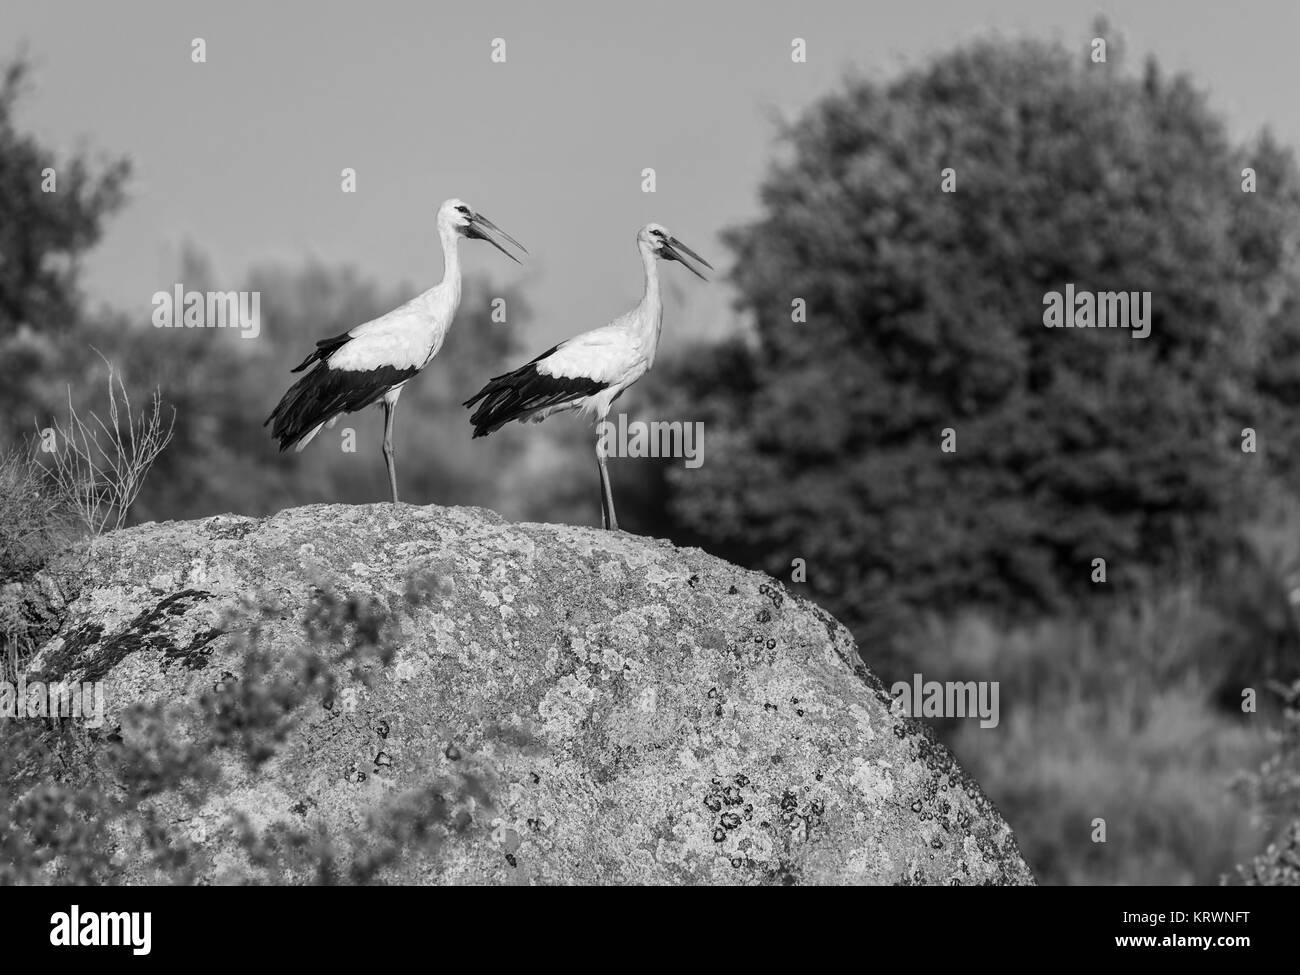 Cigüeñas fotografiados en su entorno natural. Imagen De Stock